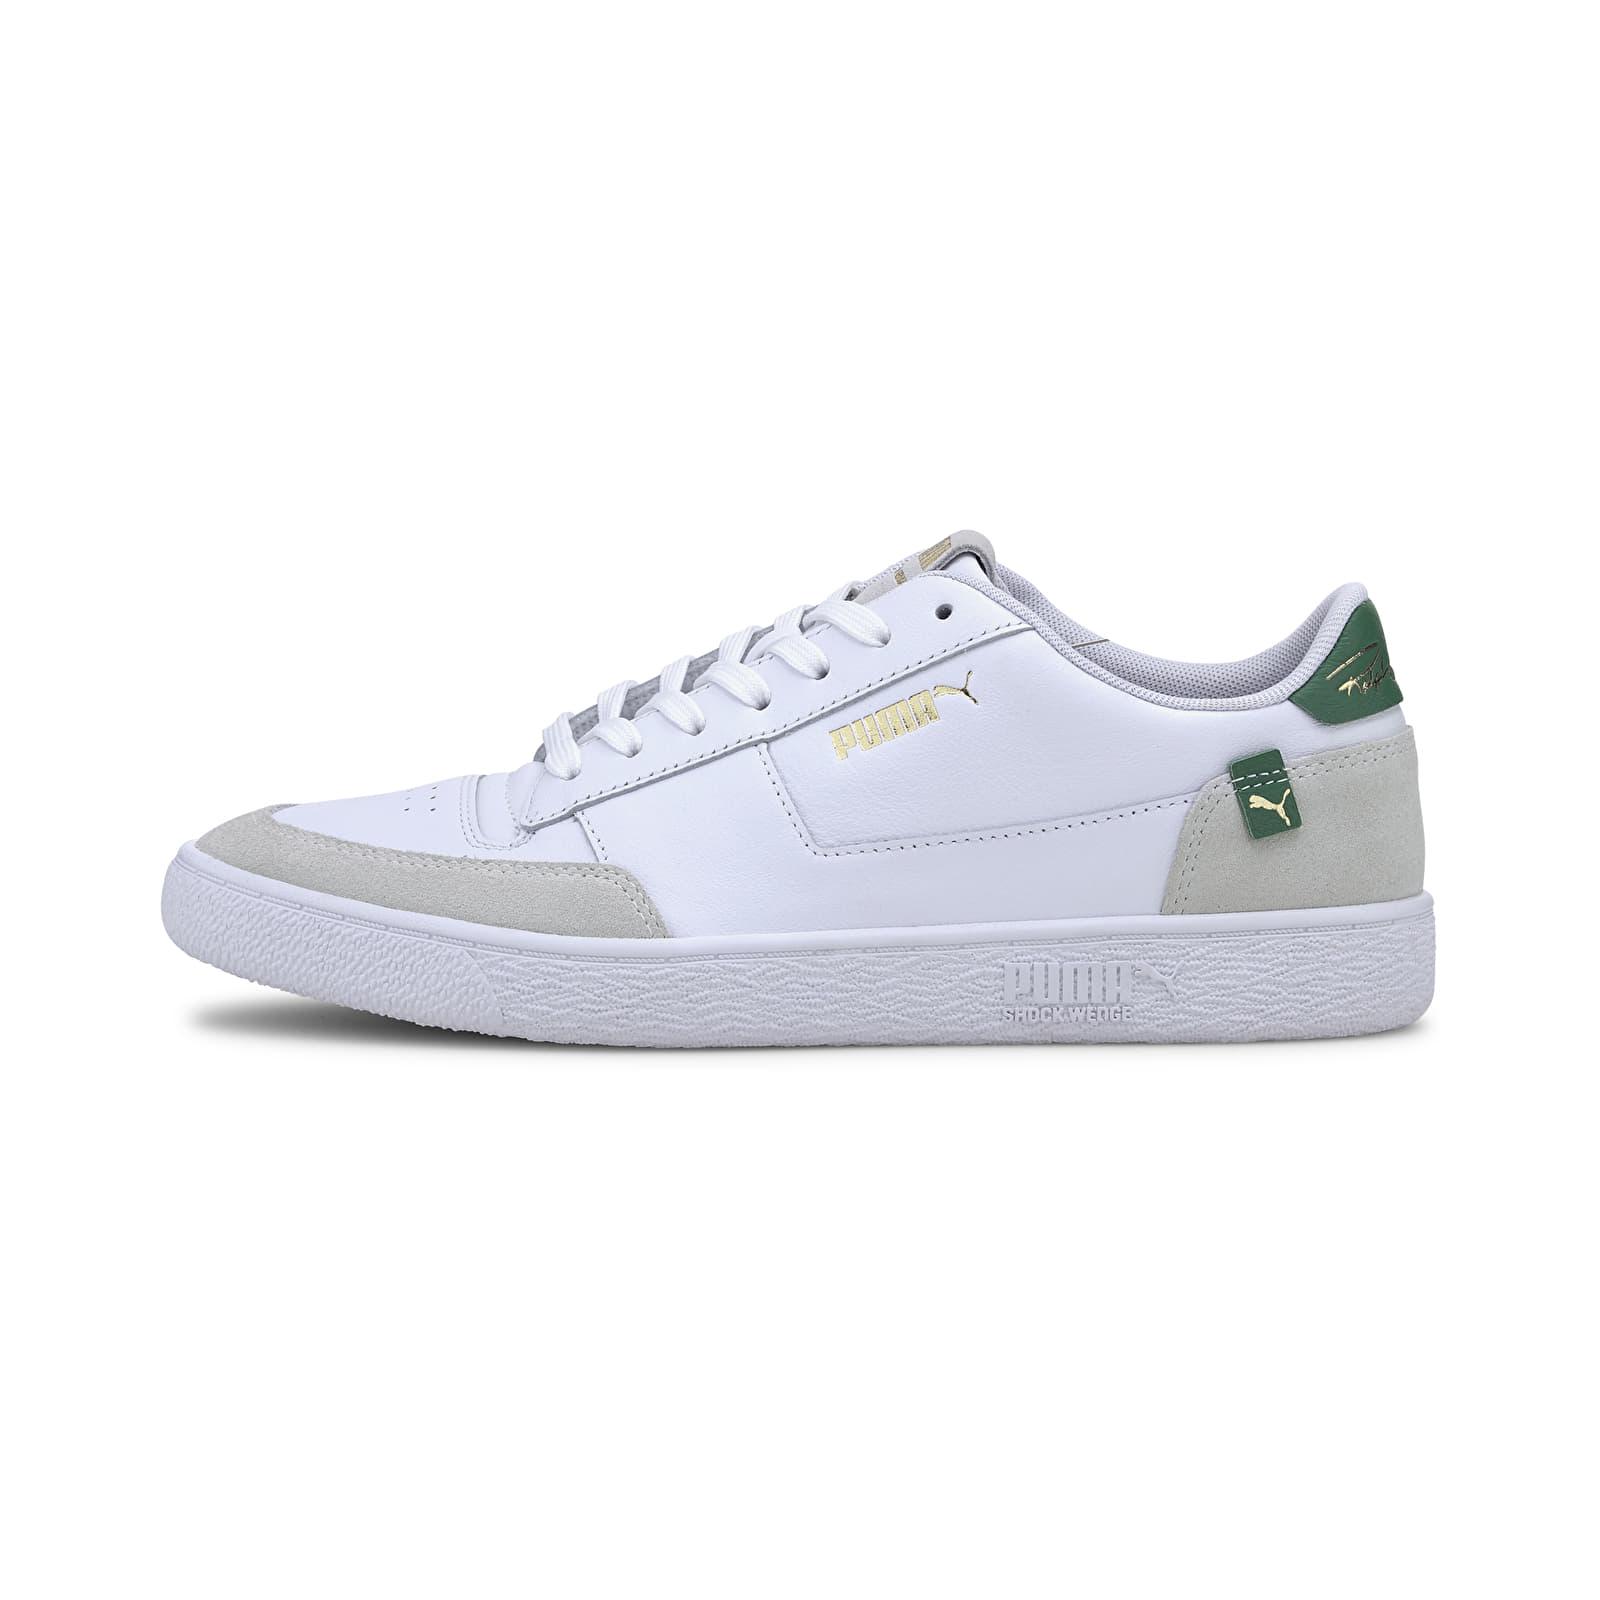 Puma Ralph Sampson MC Clean Puma White-Amazon Green-Puma White   Footshop